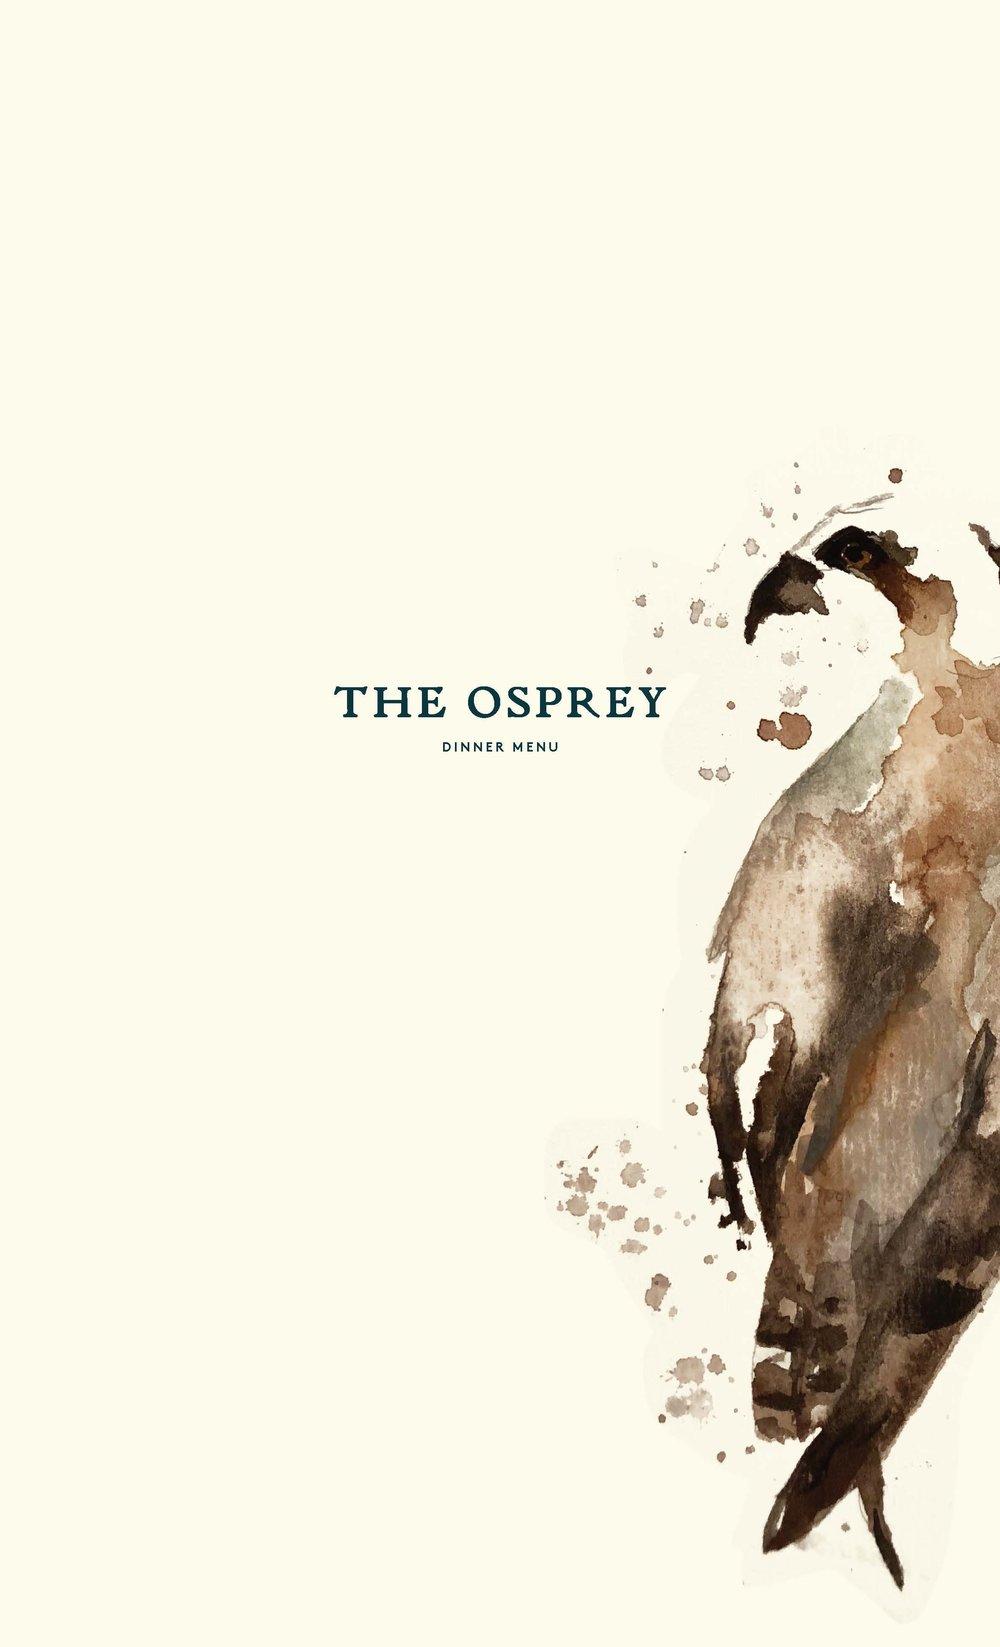 Osprey_DinnerMenu3_Page_1.jpg